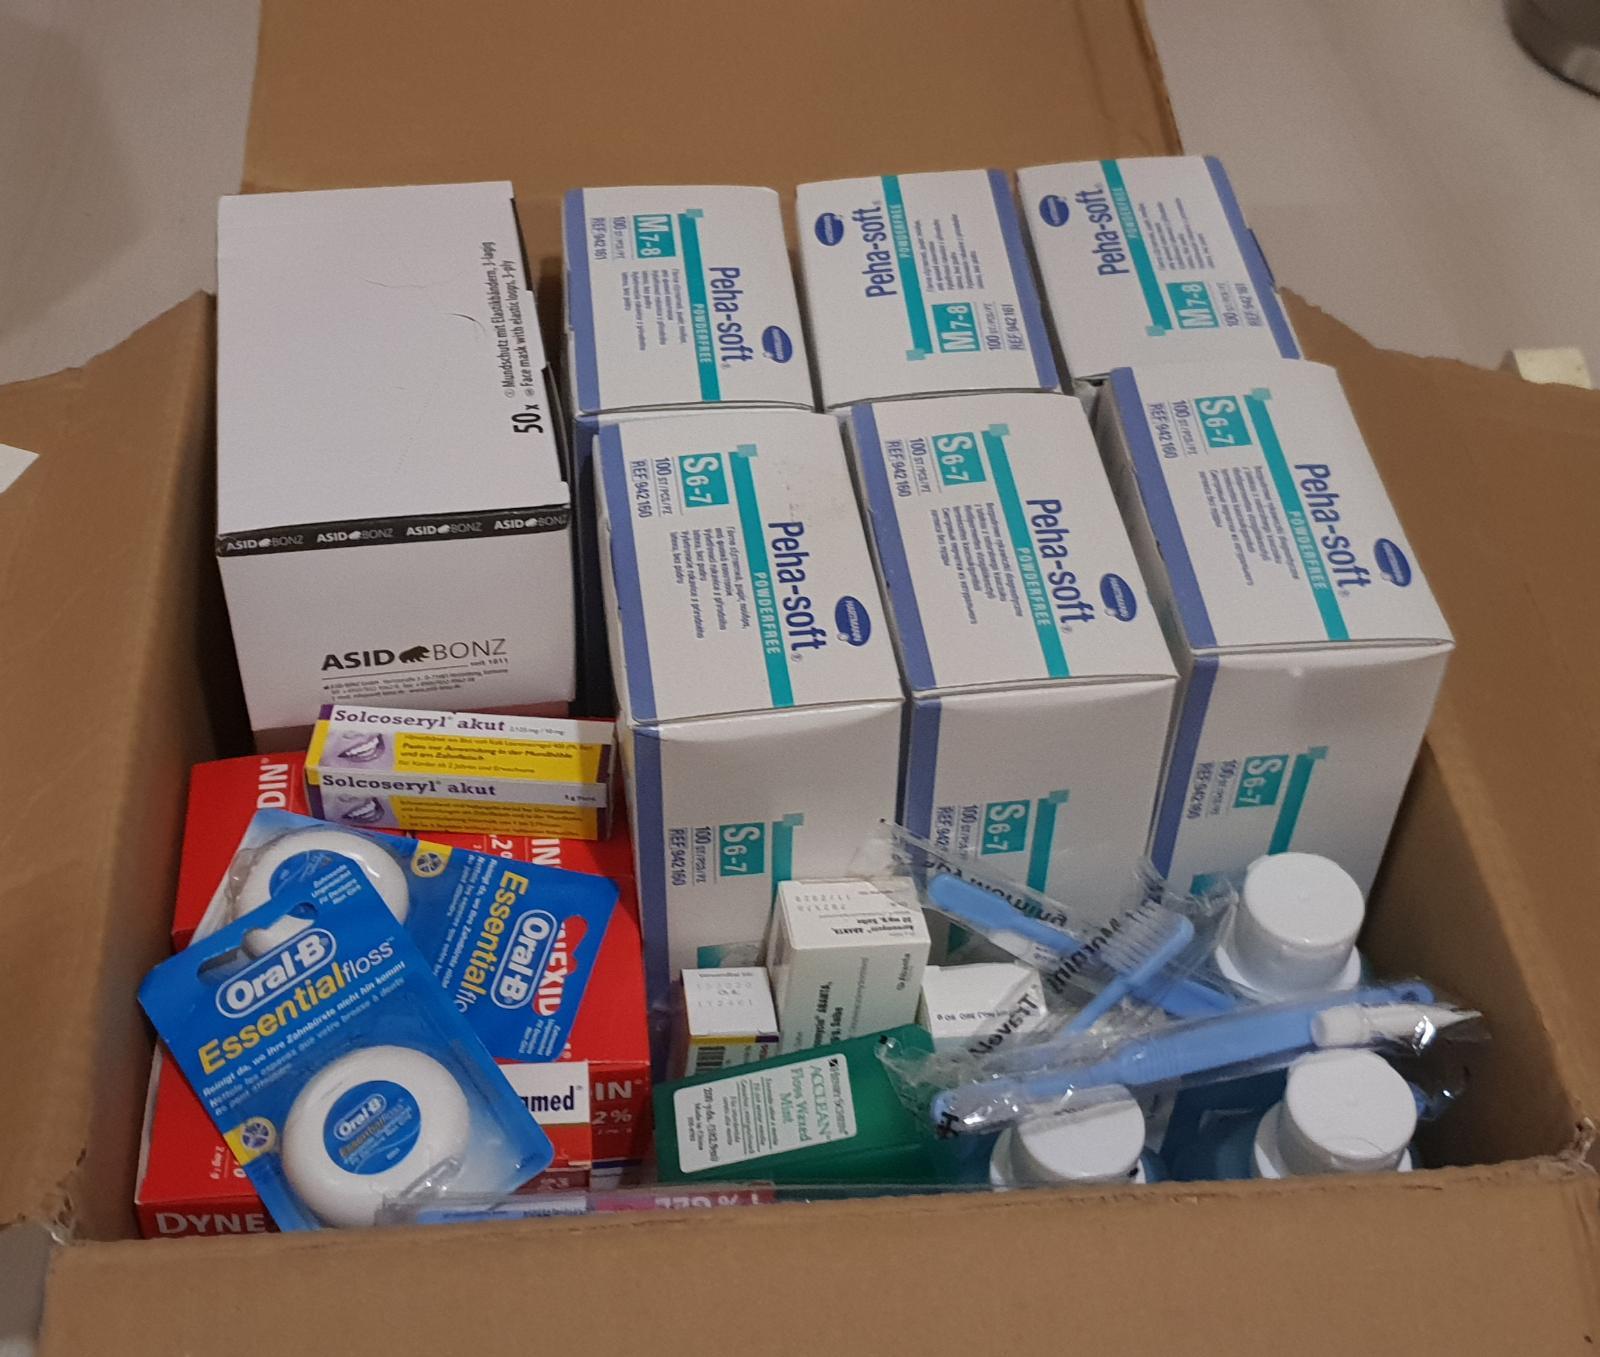 Hier haben wir ein gutes Rundumpaket erhalten: Handschuhe, Mundschutz, Desinfektionsmittel, CHX-Spülung, Solcoseryl und ein Sortiment an Prophylaxe Utensilien.